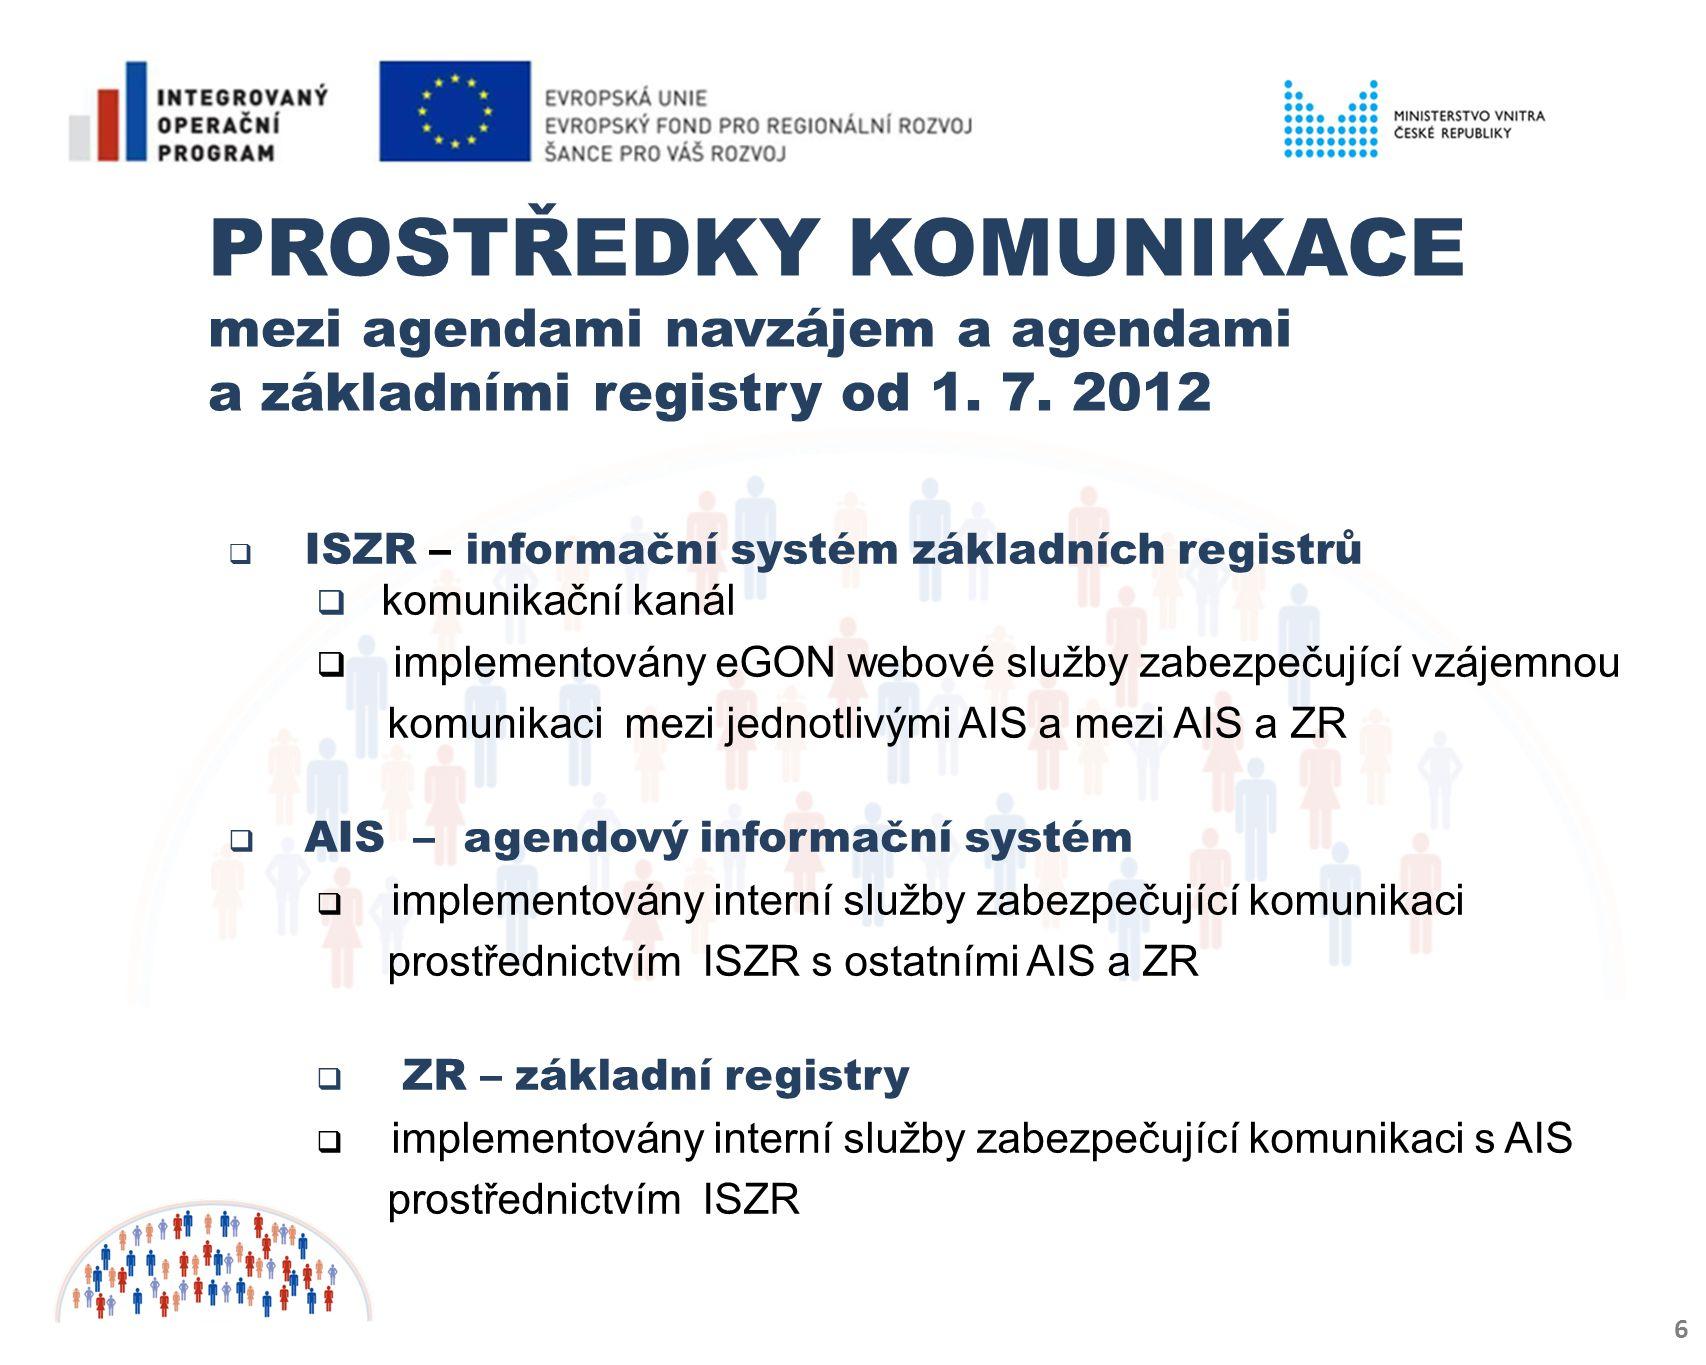 PROSTŘEDKY KOMUNIKACE mezi agendami navzájem a agendami a základními registry od 1. 7. 2012